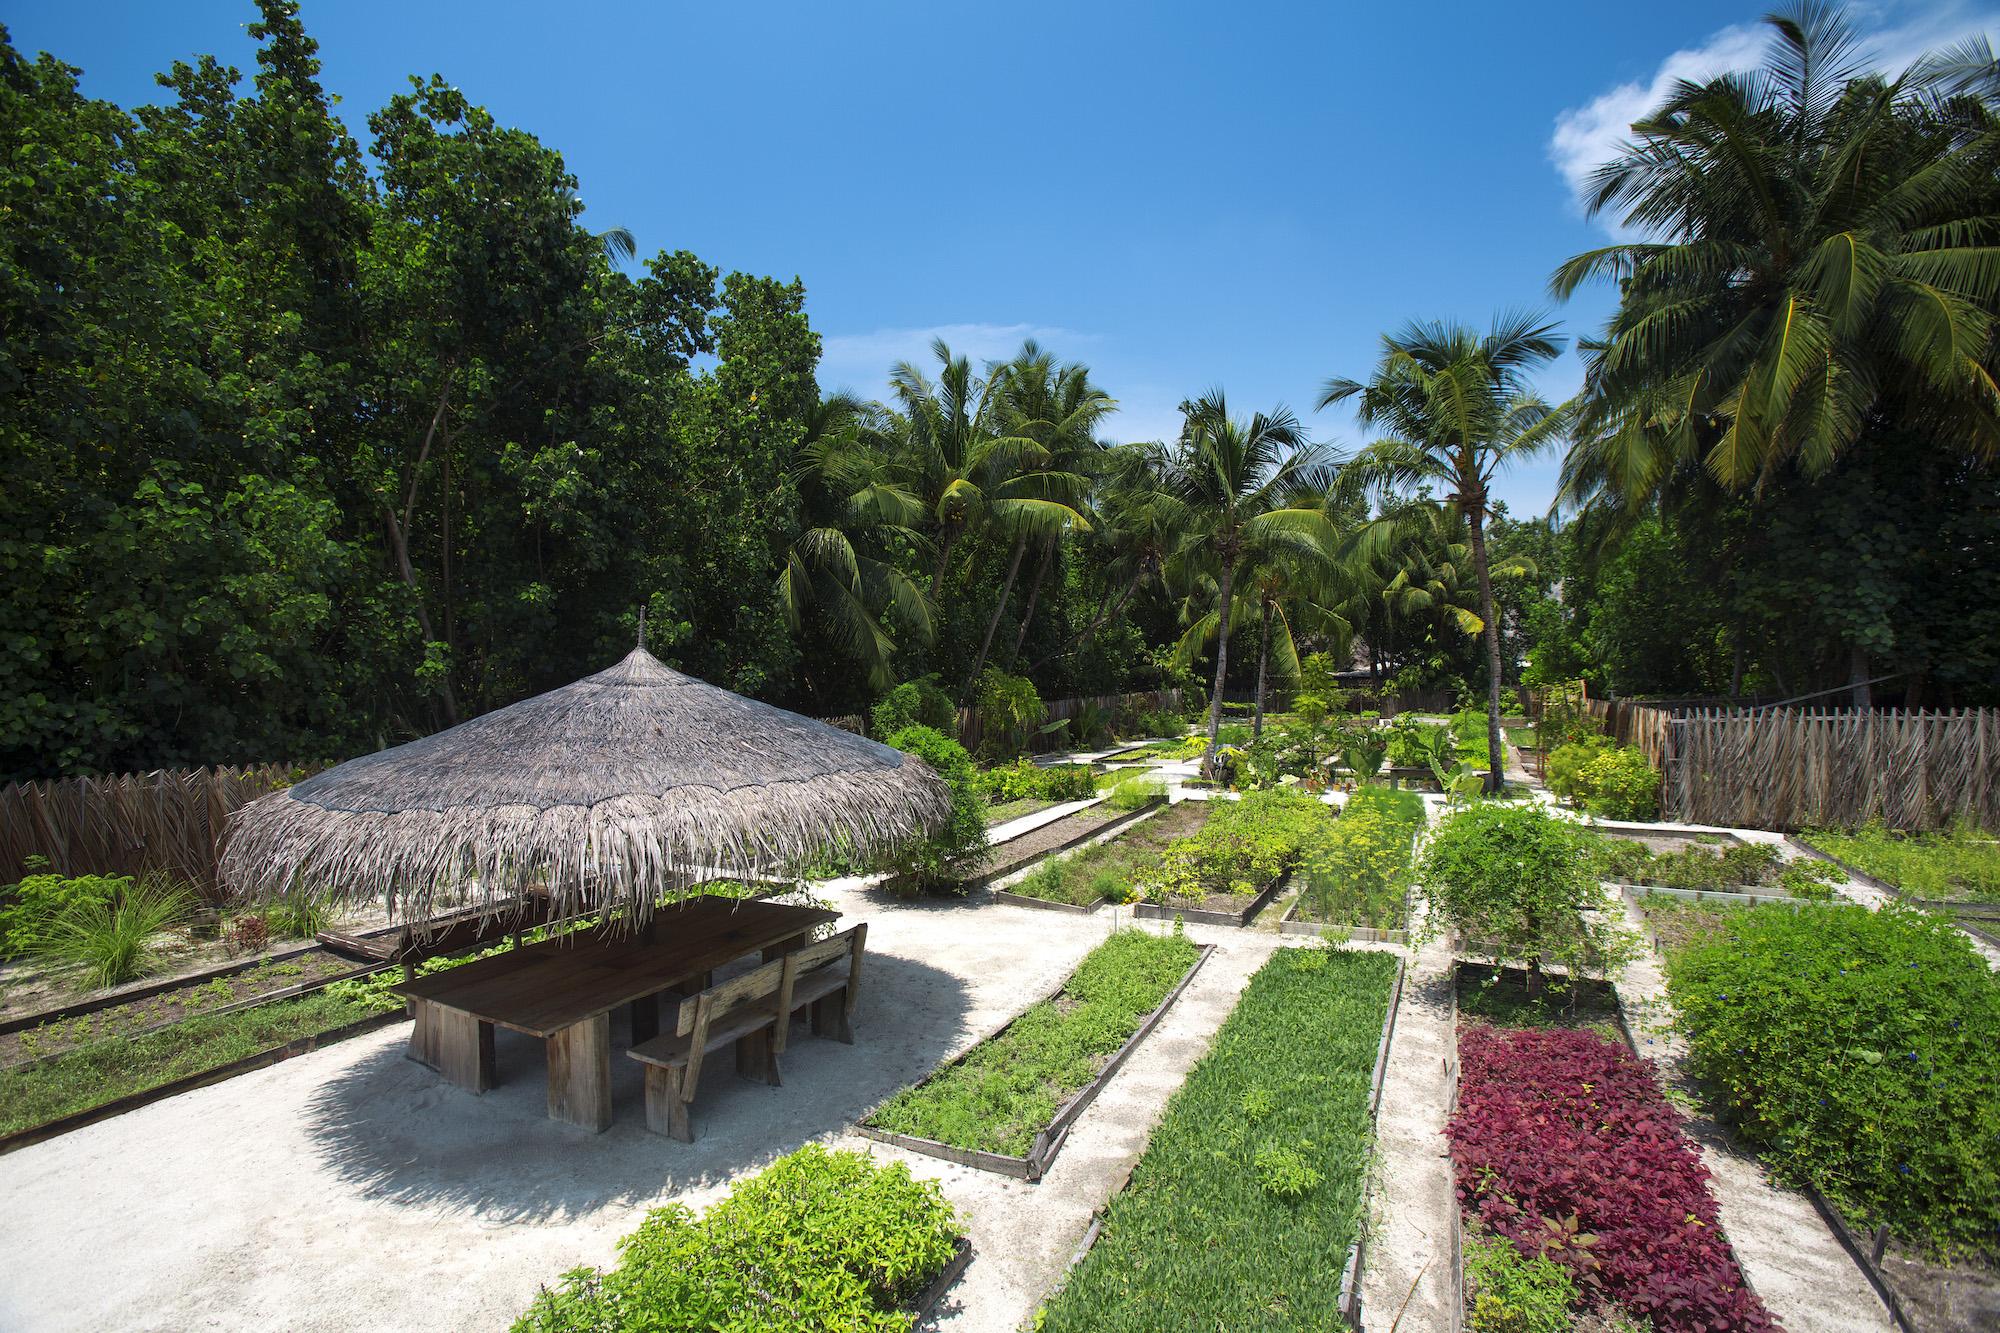 Organic garden at Gili Lankanfushi